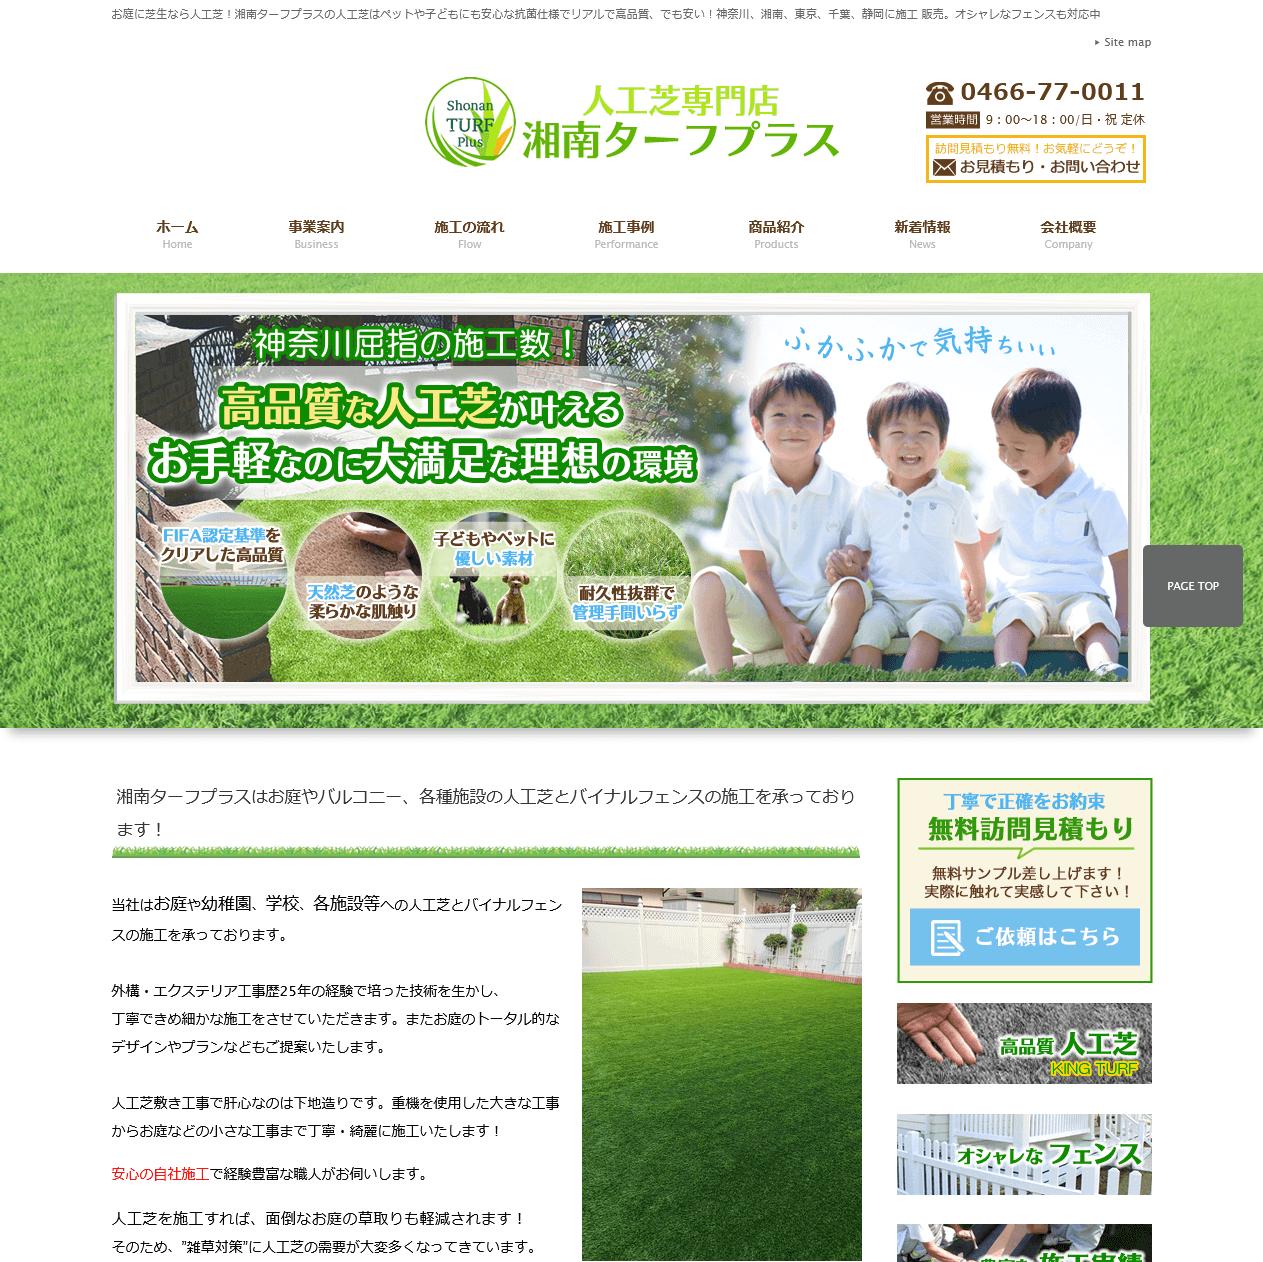 """<span class=""""title"""">(神奈川)湘南ターフプラスの評判・口コミ</span>"""